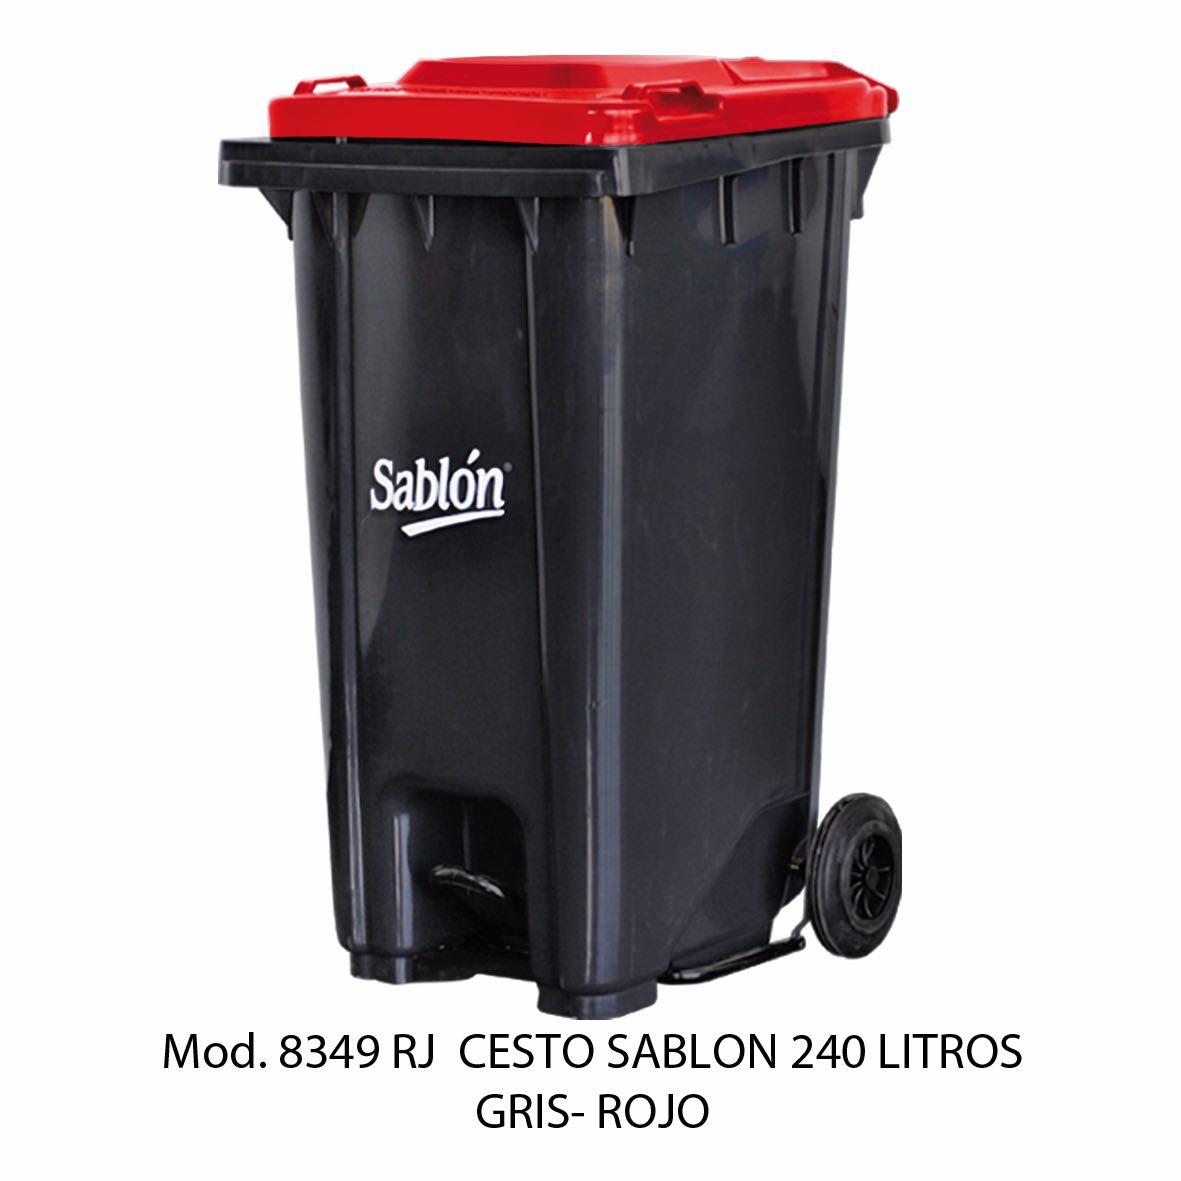 Contenedor de gran capacidad con cuerpo gris y tapa roja - Modelo 8349 RJ - Sablon